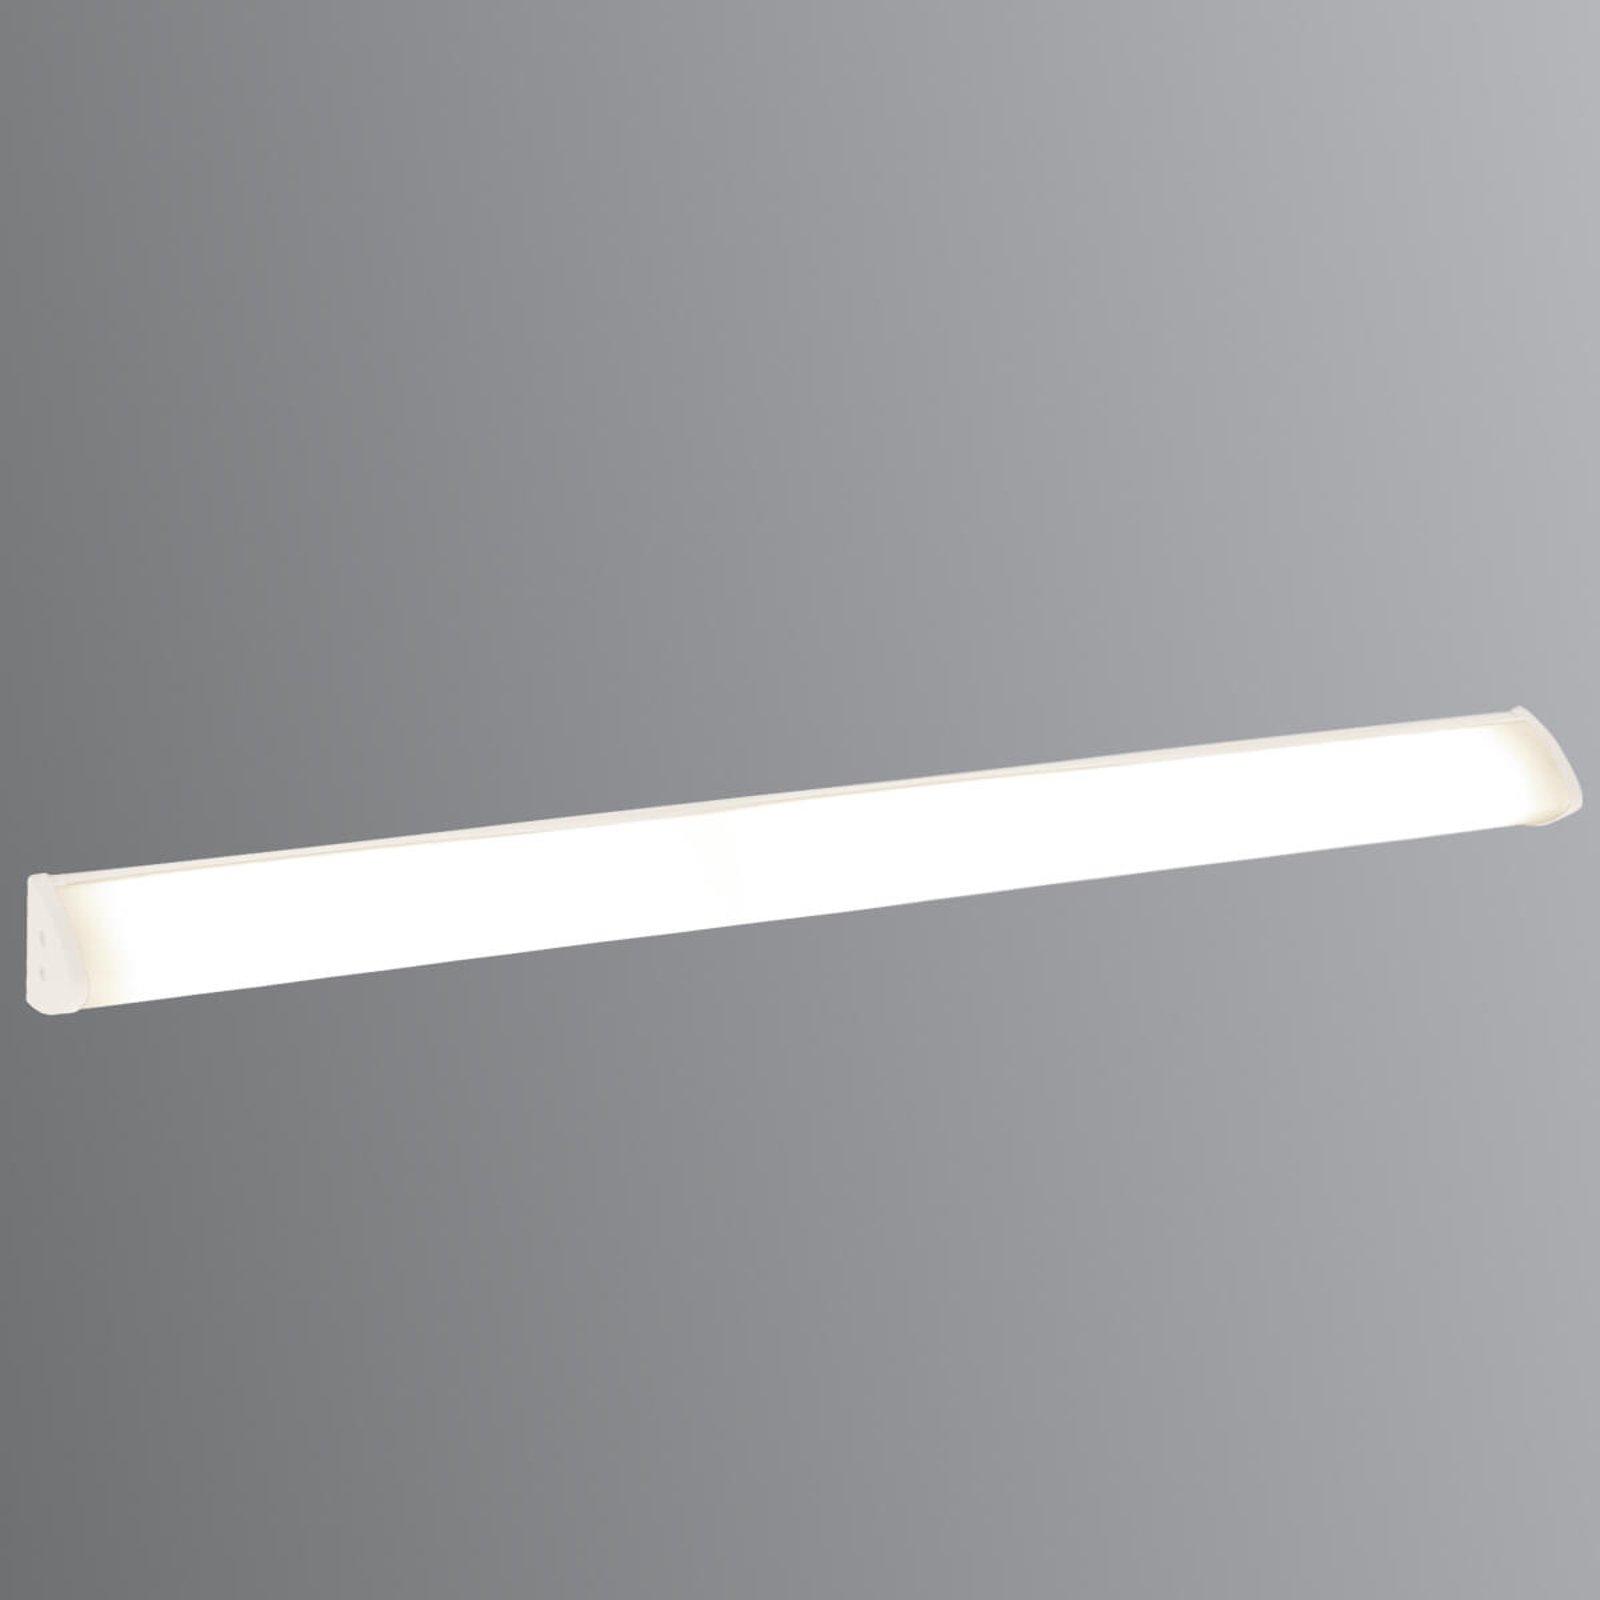 Stilsikker Supra vegglampe bredde 120 cm